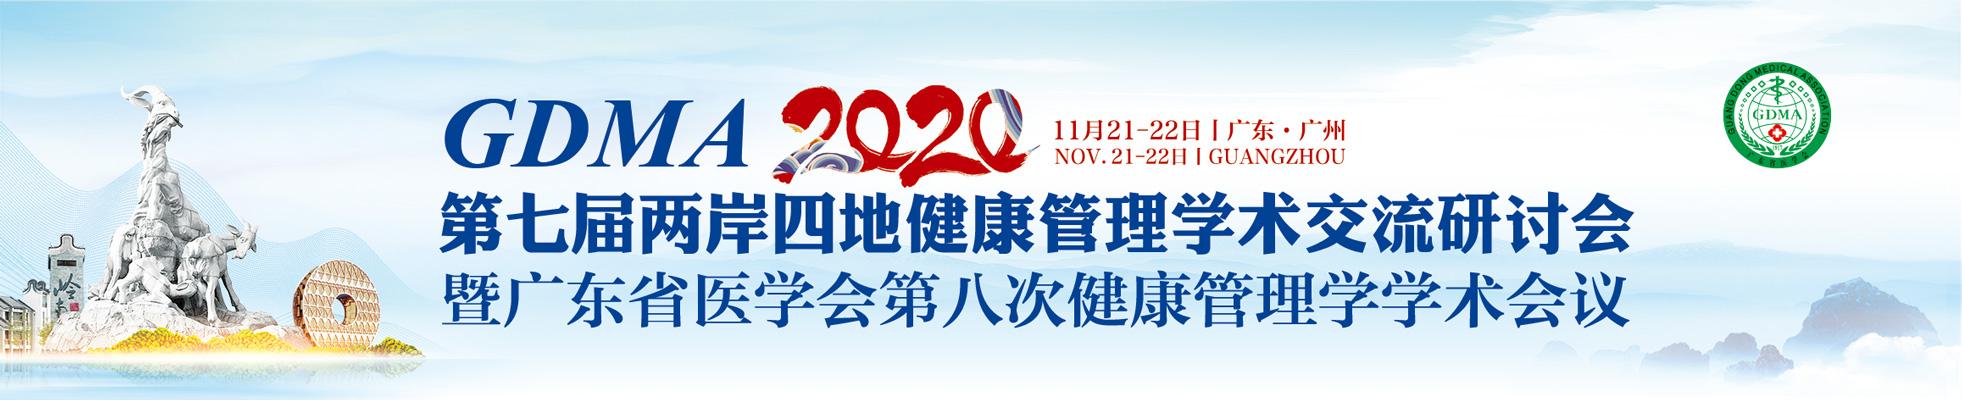 第七届两岸四地健康管理学术交流研讨会暨广东省医学会第八次健康管理学学术会议